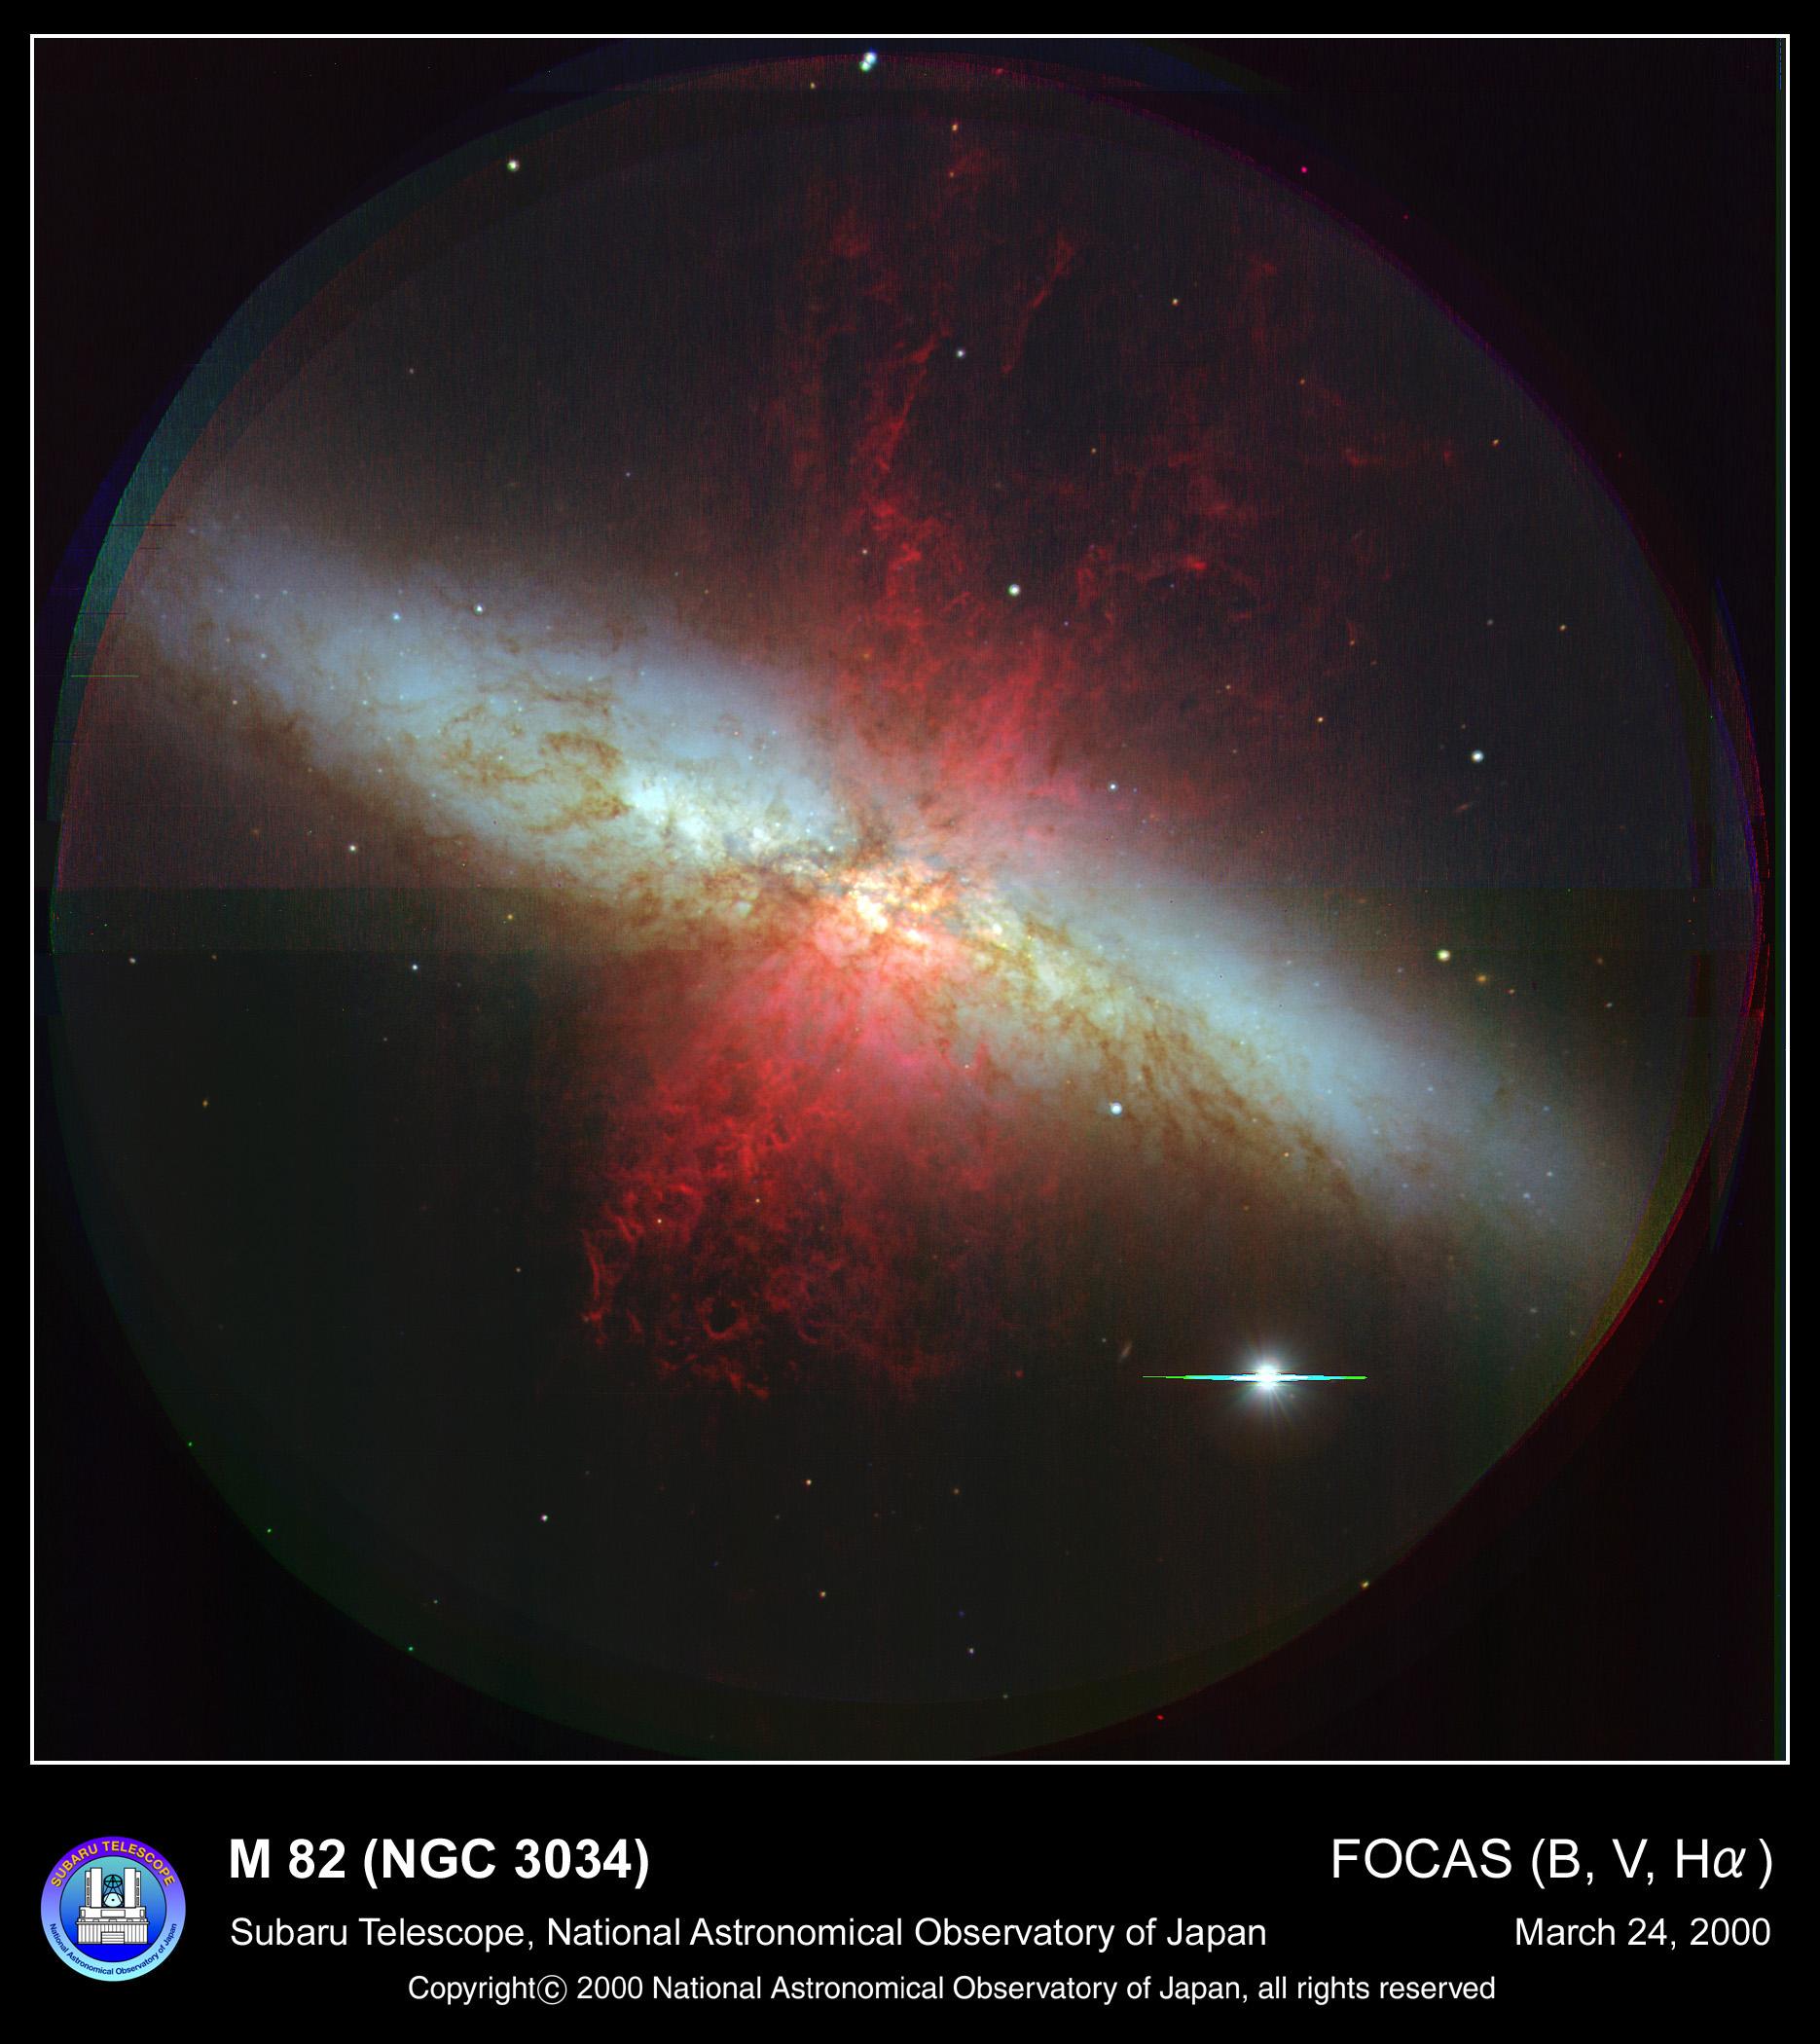 M82銀河の天体写真。銀河中心部から極方向へ電離した水素ガスが噴き出す様子。<br>銀河から吹き出すアウトフローも同じように極方向から吹き出すと考えられています。